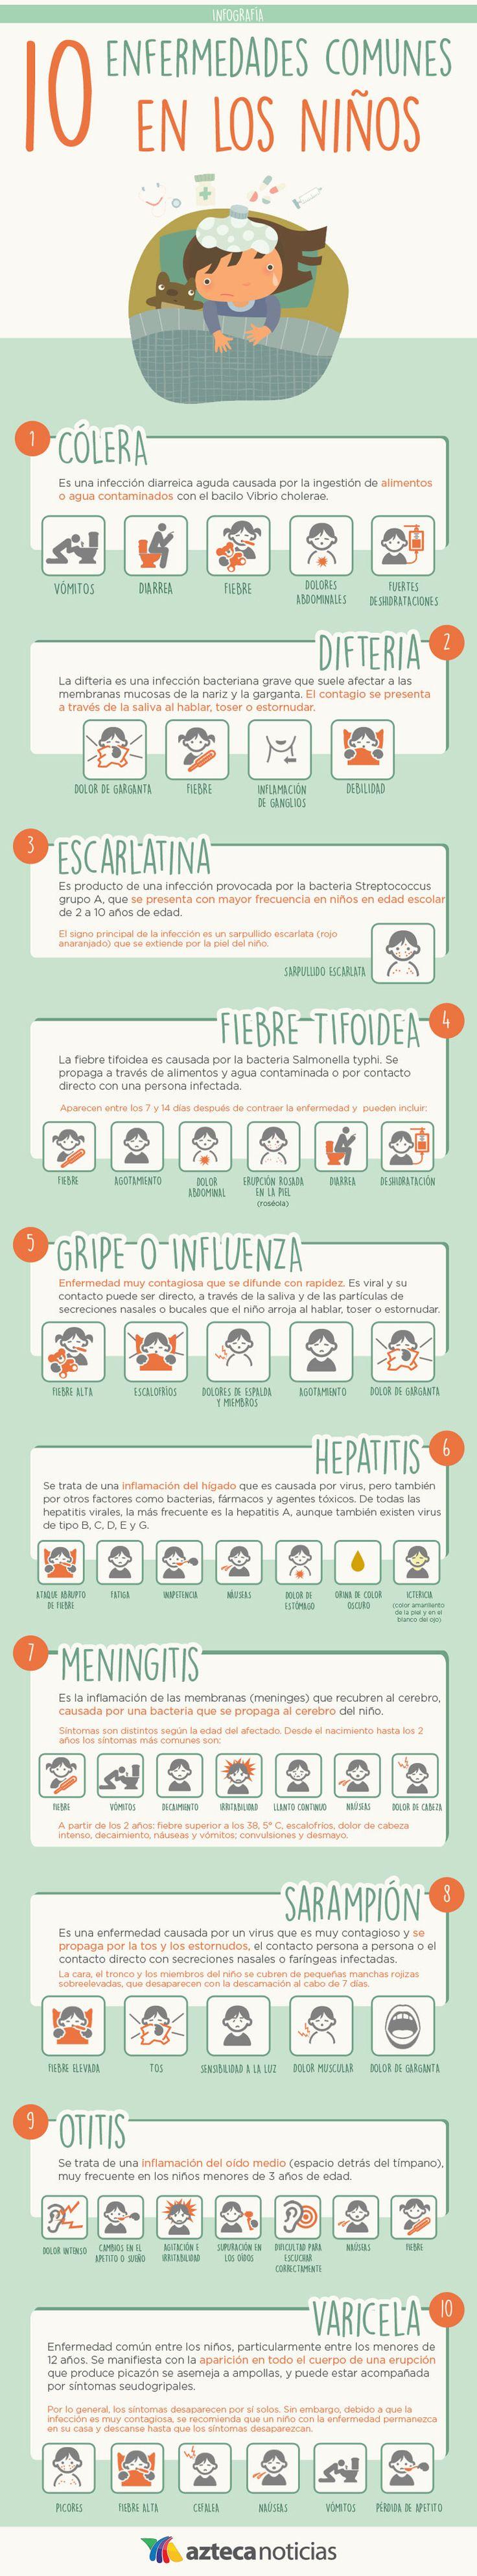 10 enfermedades comunes en los niños #infografia